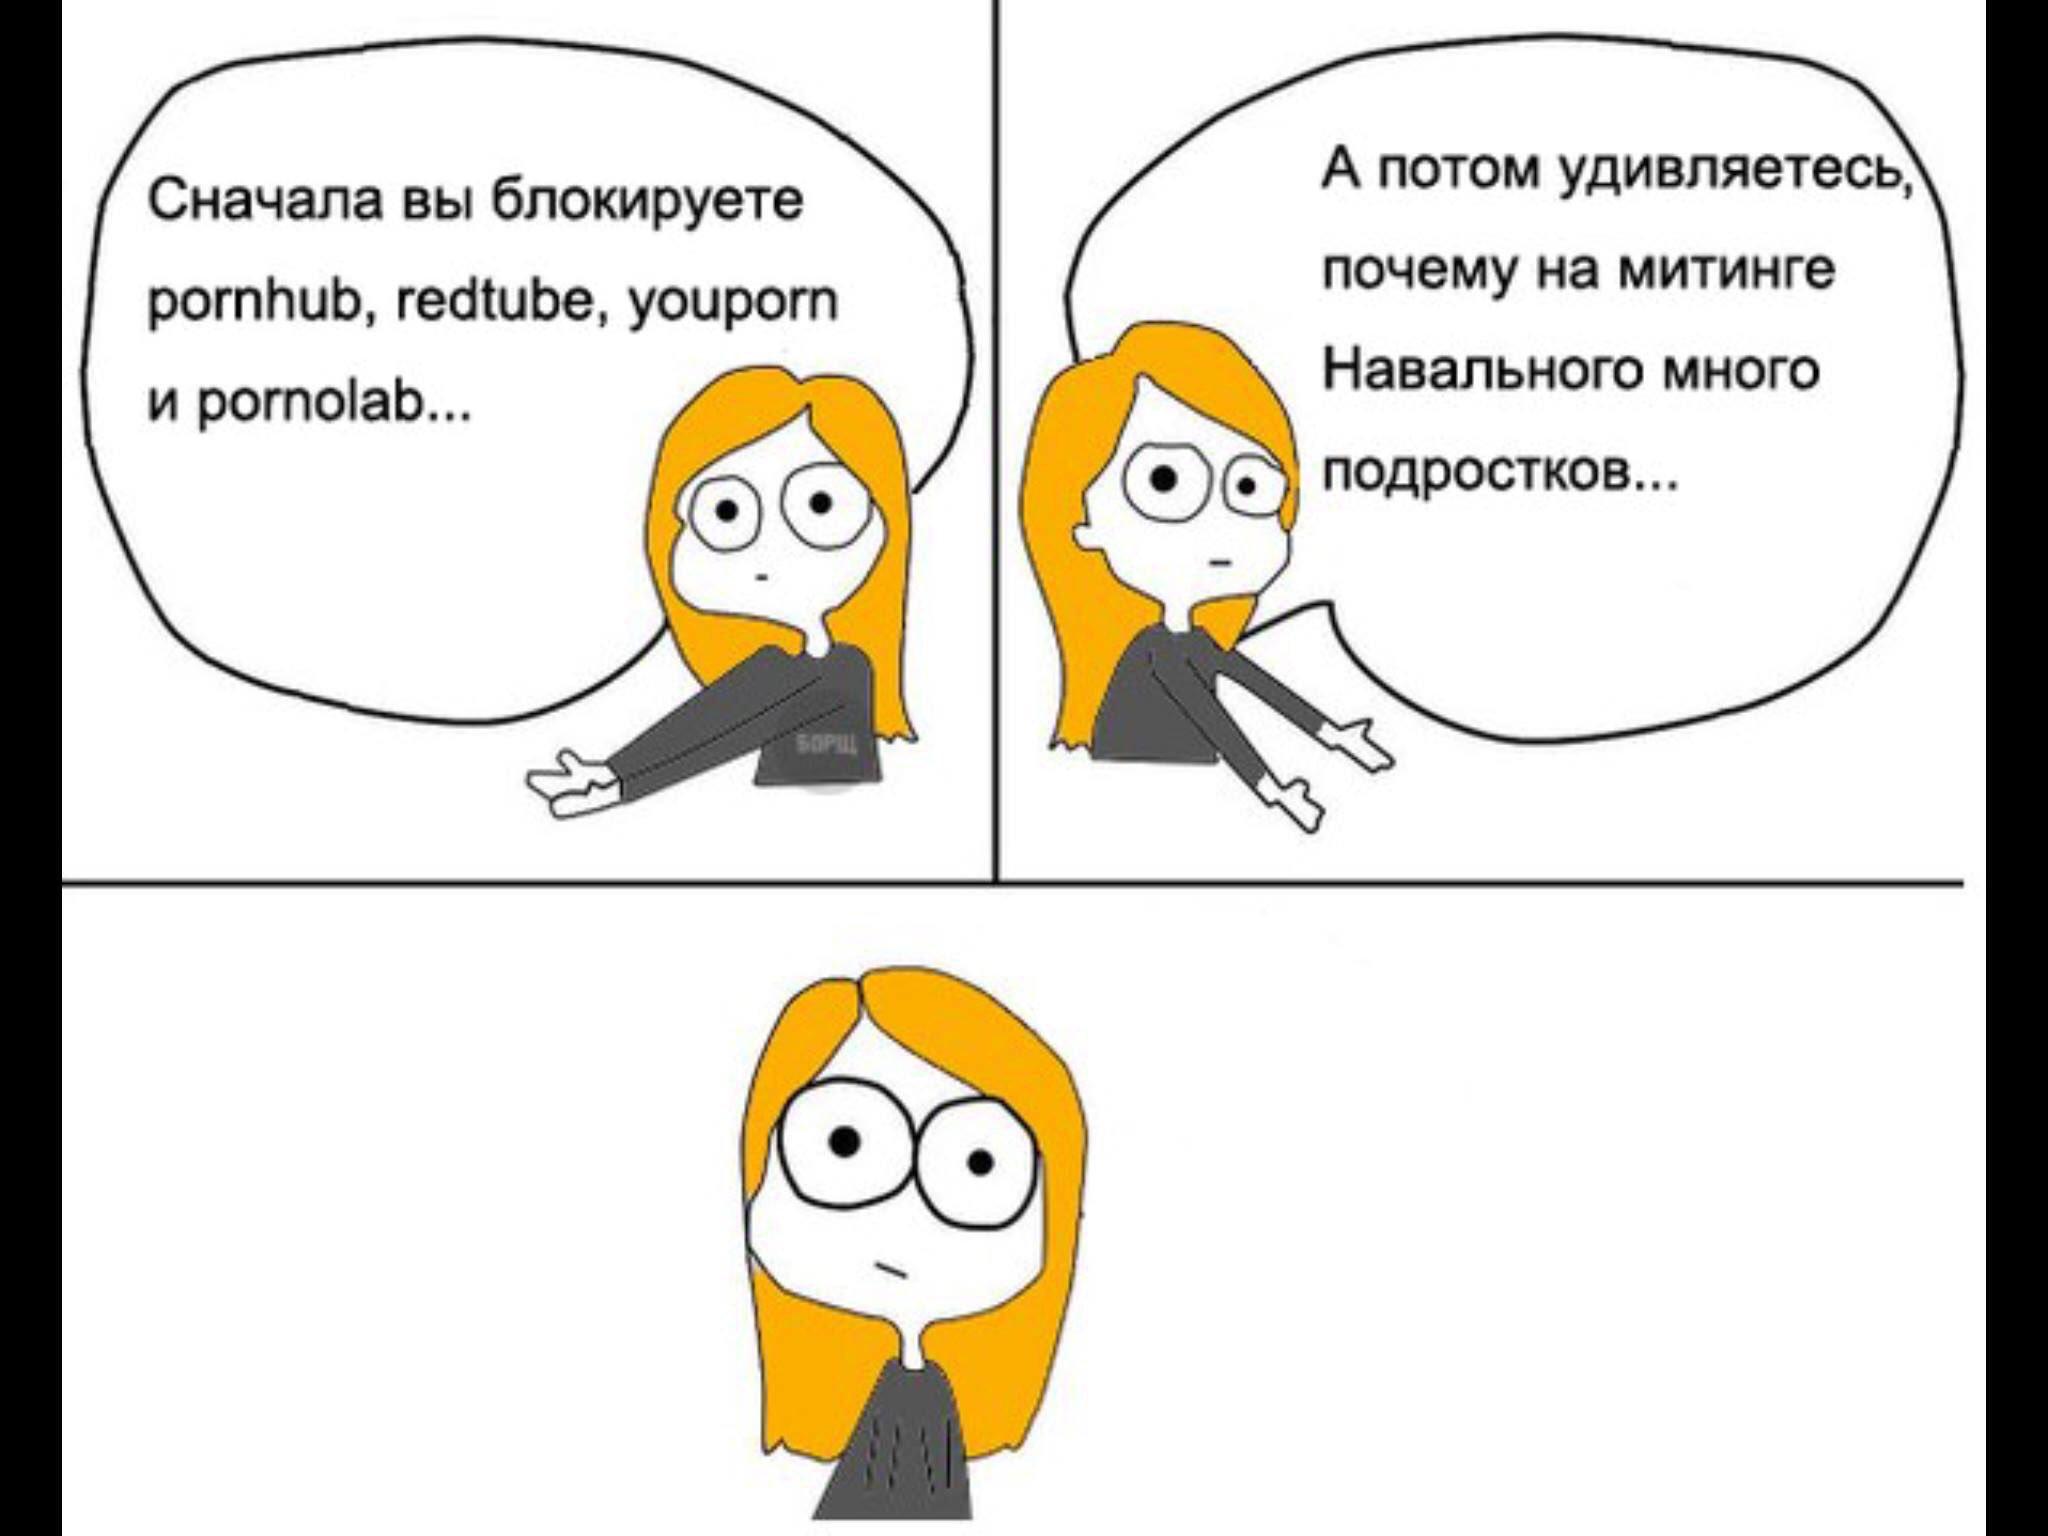 На митинге Навального много подростков? Кто же виноват?